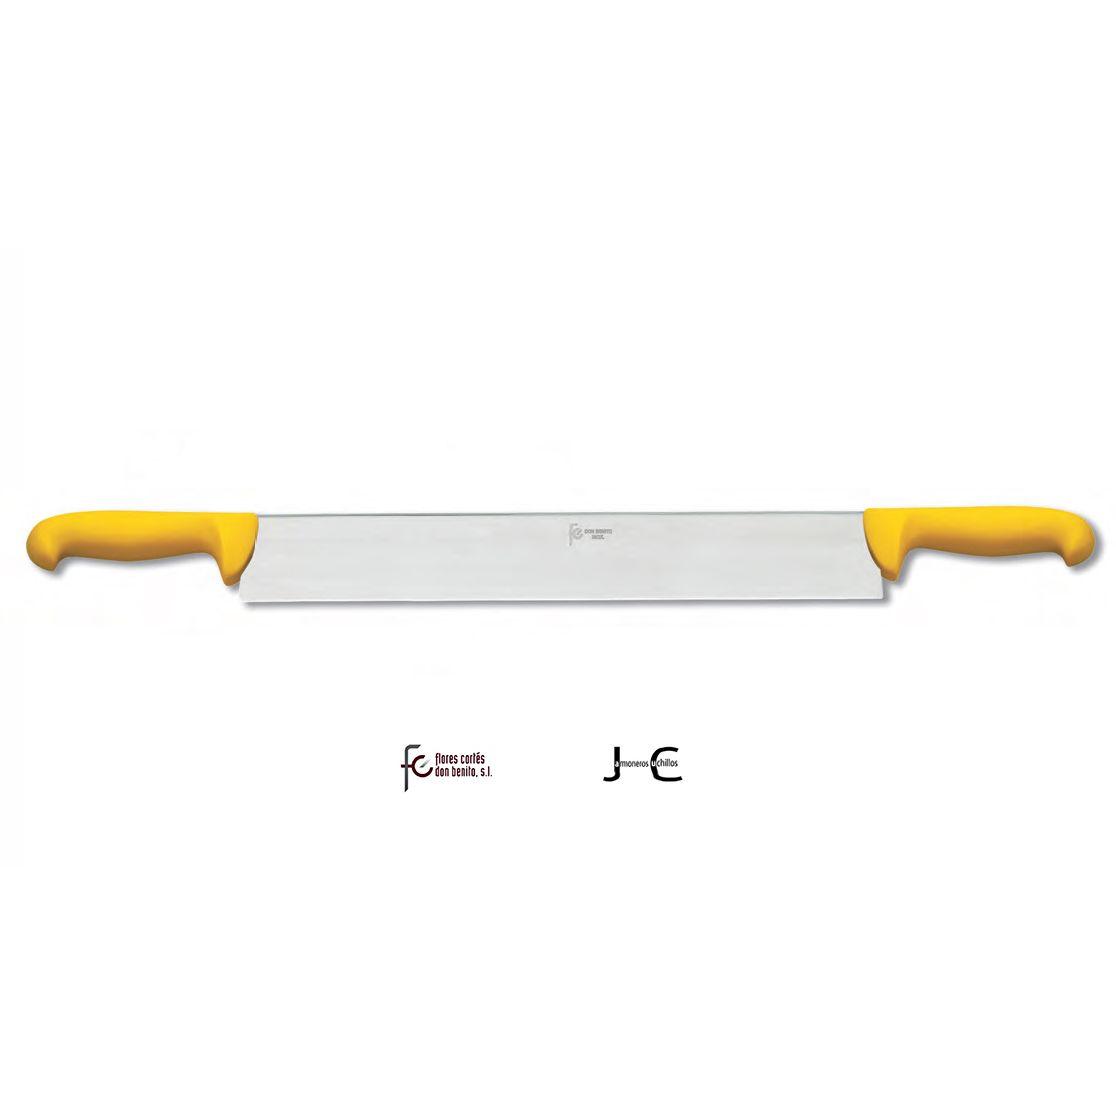 Cuchillo del queso inox. dos mango amarillo 300 mms